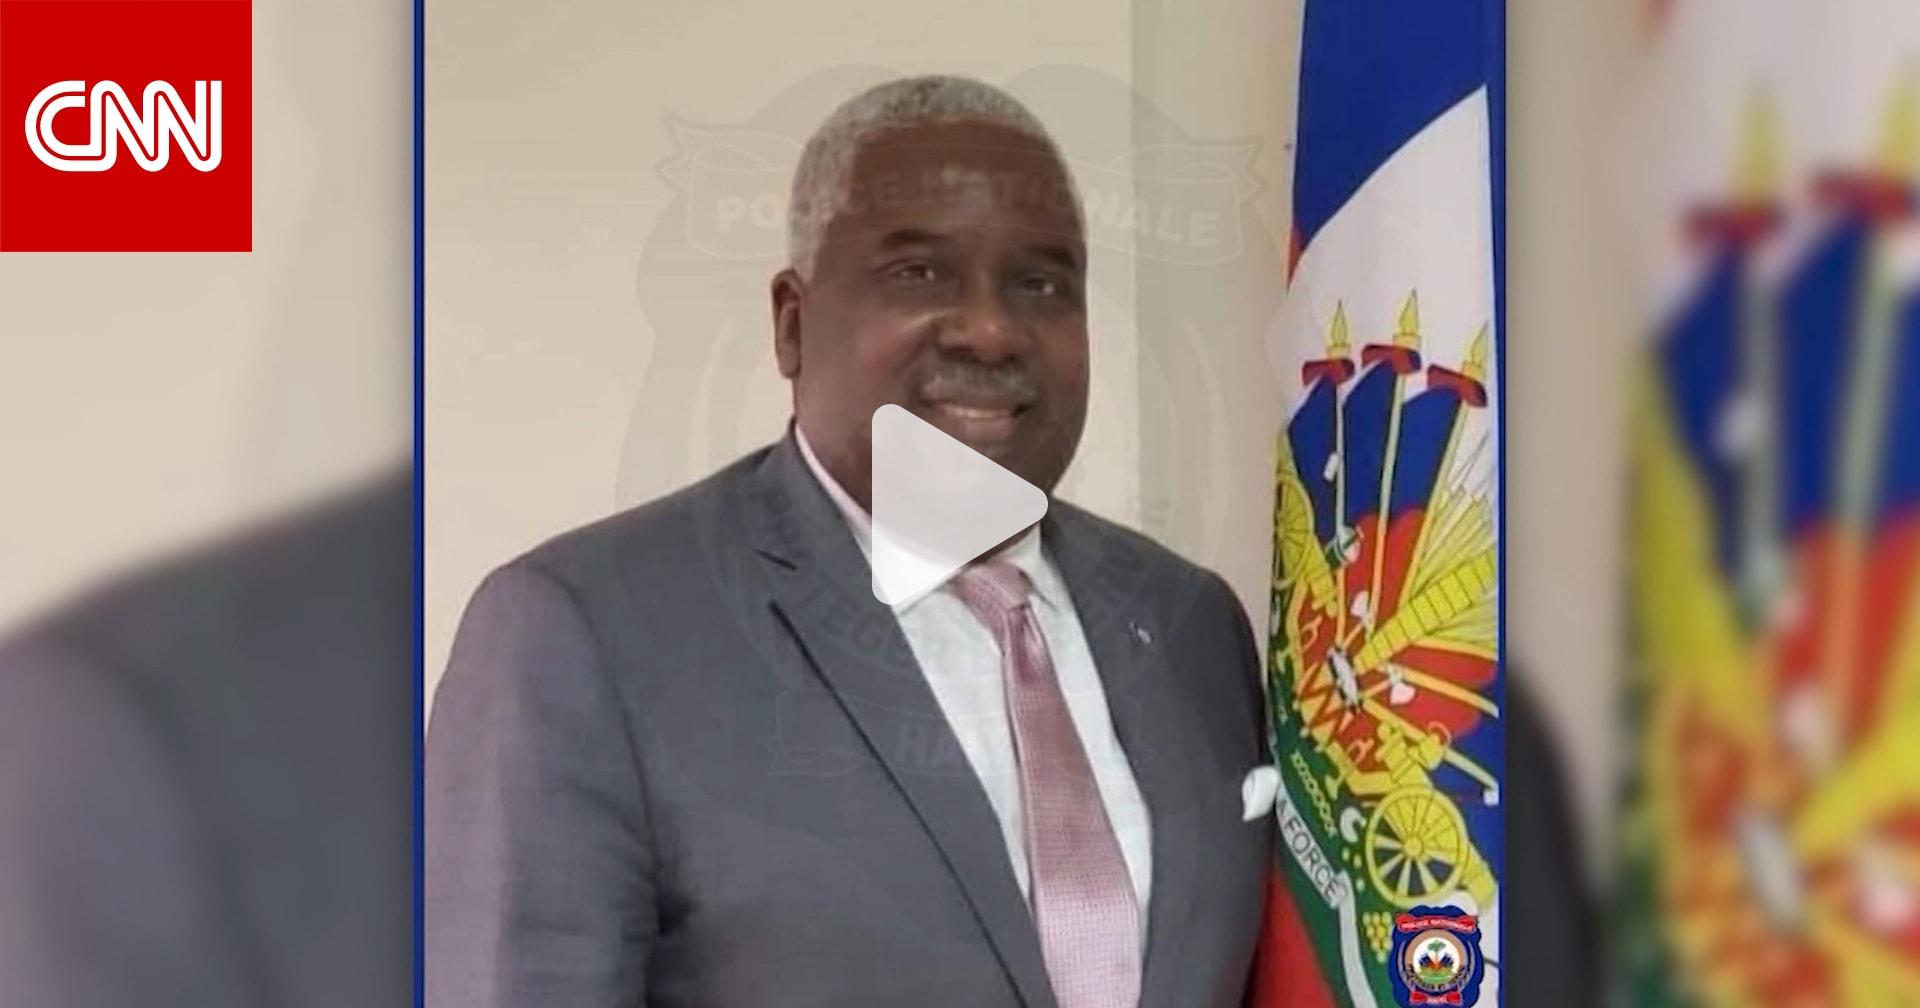 مؤامرة اغتيال رئيس هايتي تكشف روابط أمريكية.. من هو كريستيان إيمانويل سانون وماذا نعرف عنه؟